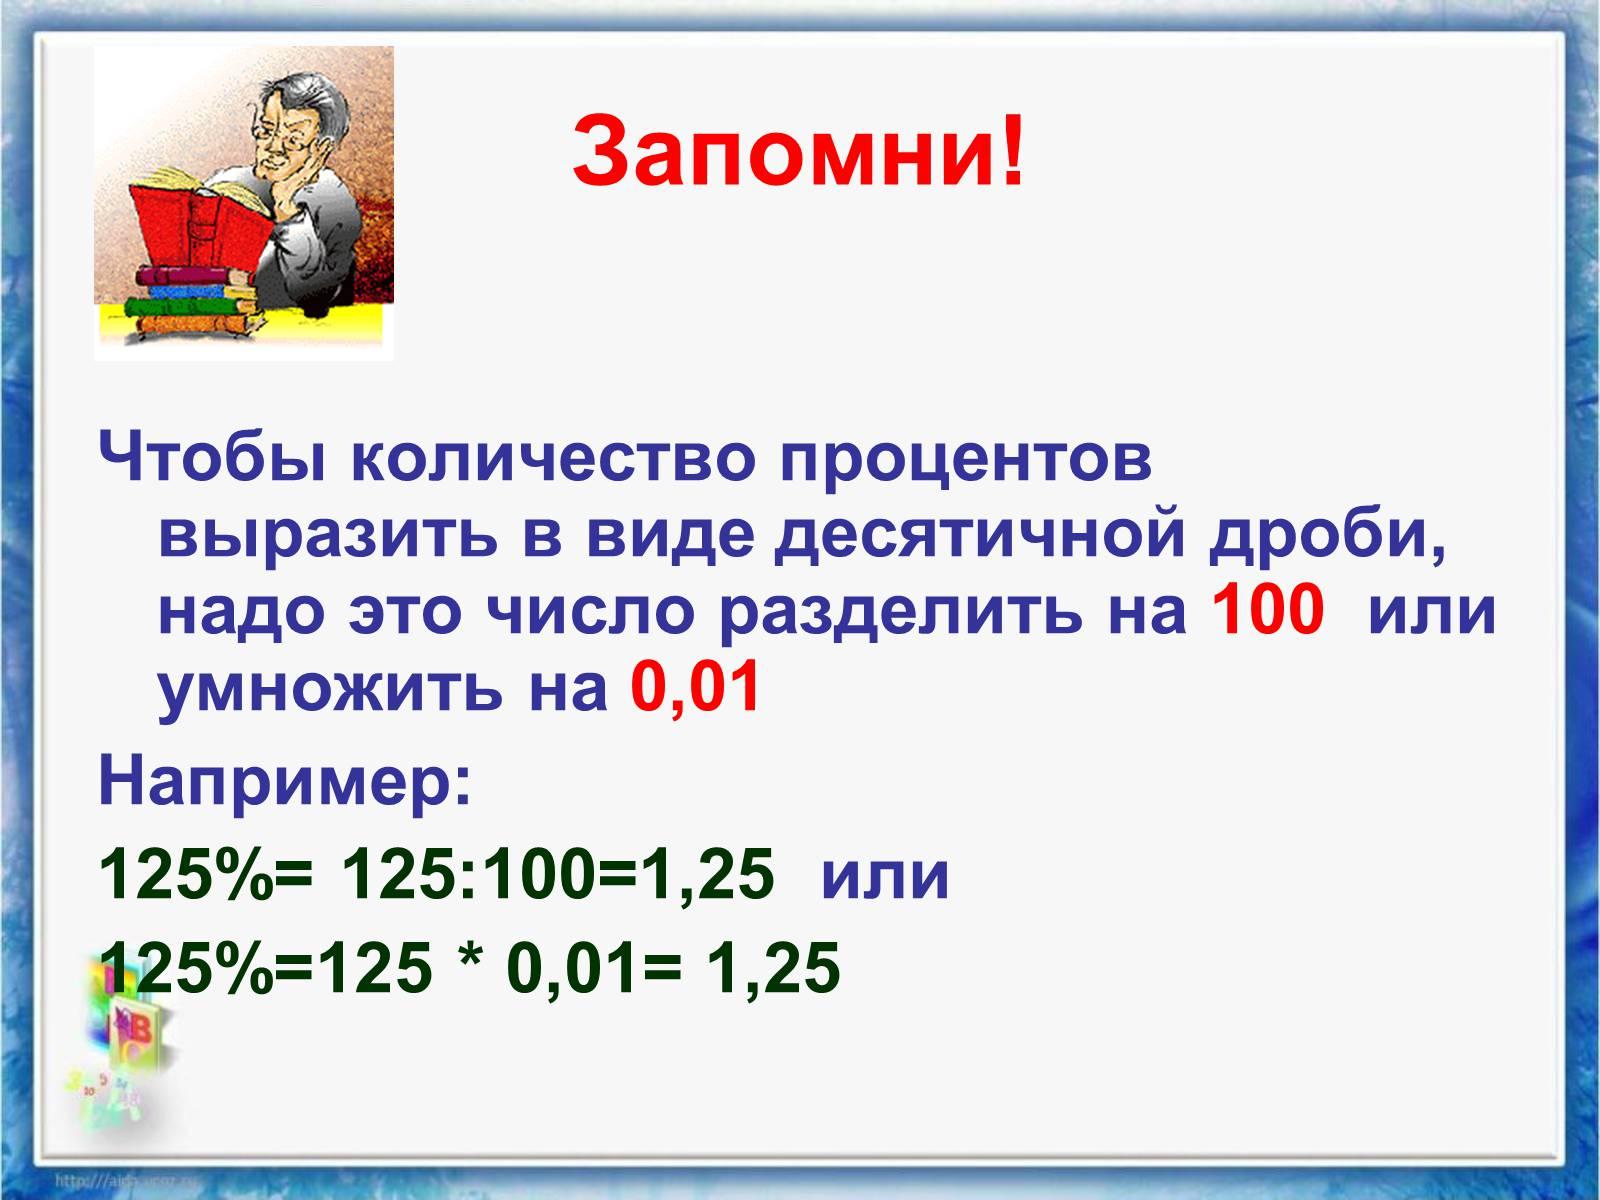 Как процента сделать десятичную дробь